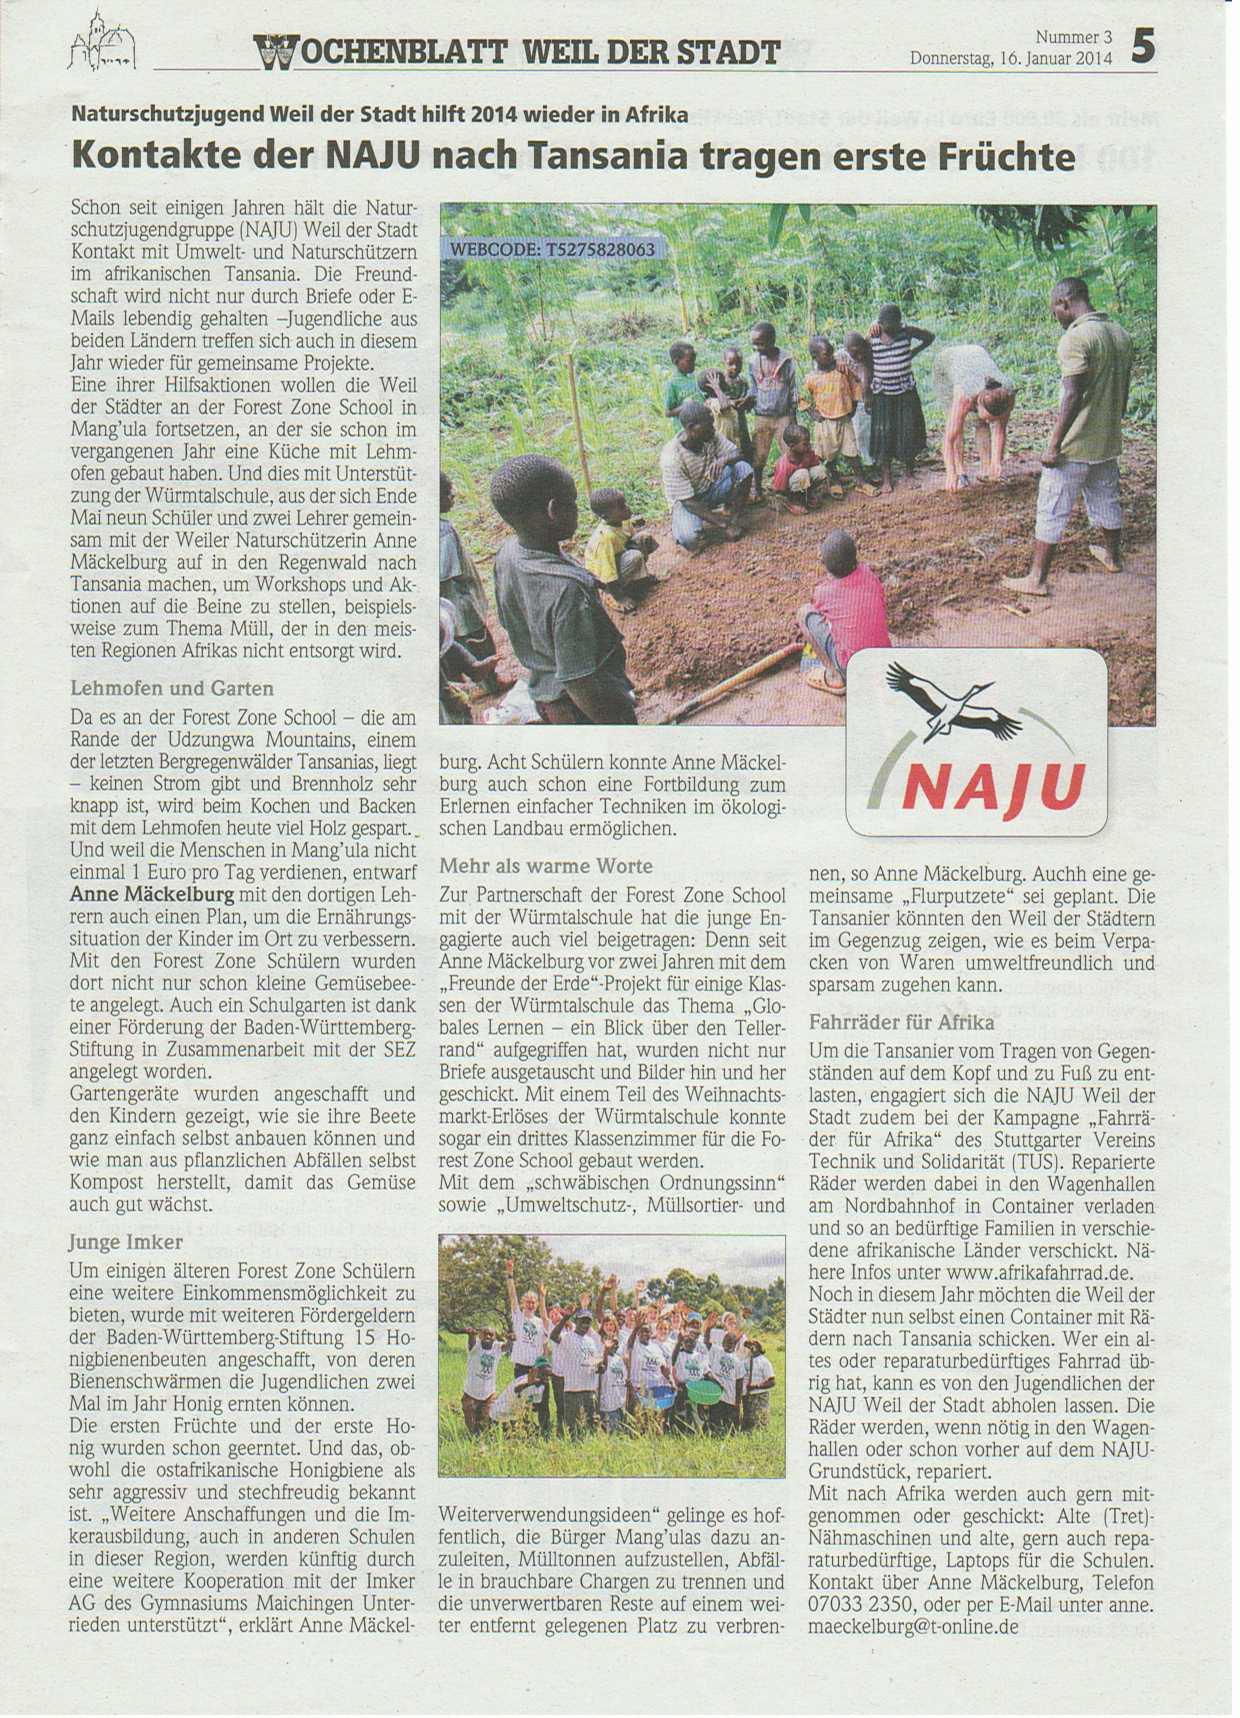 Wochenblattbericht